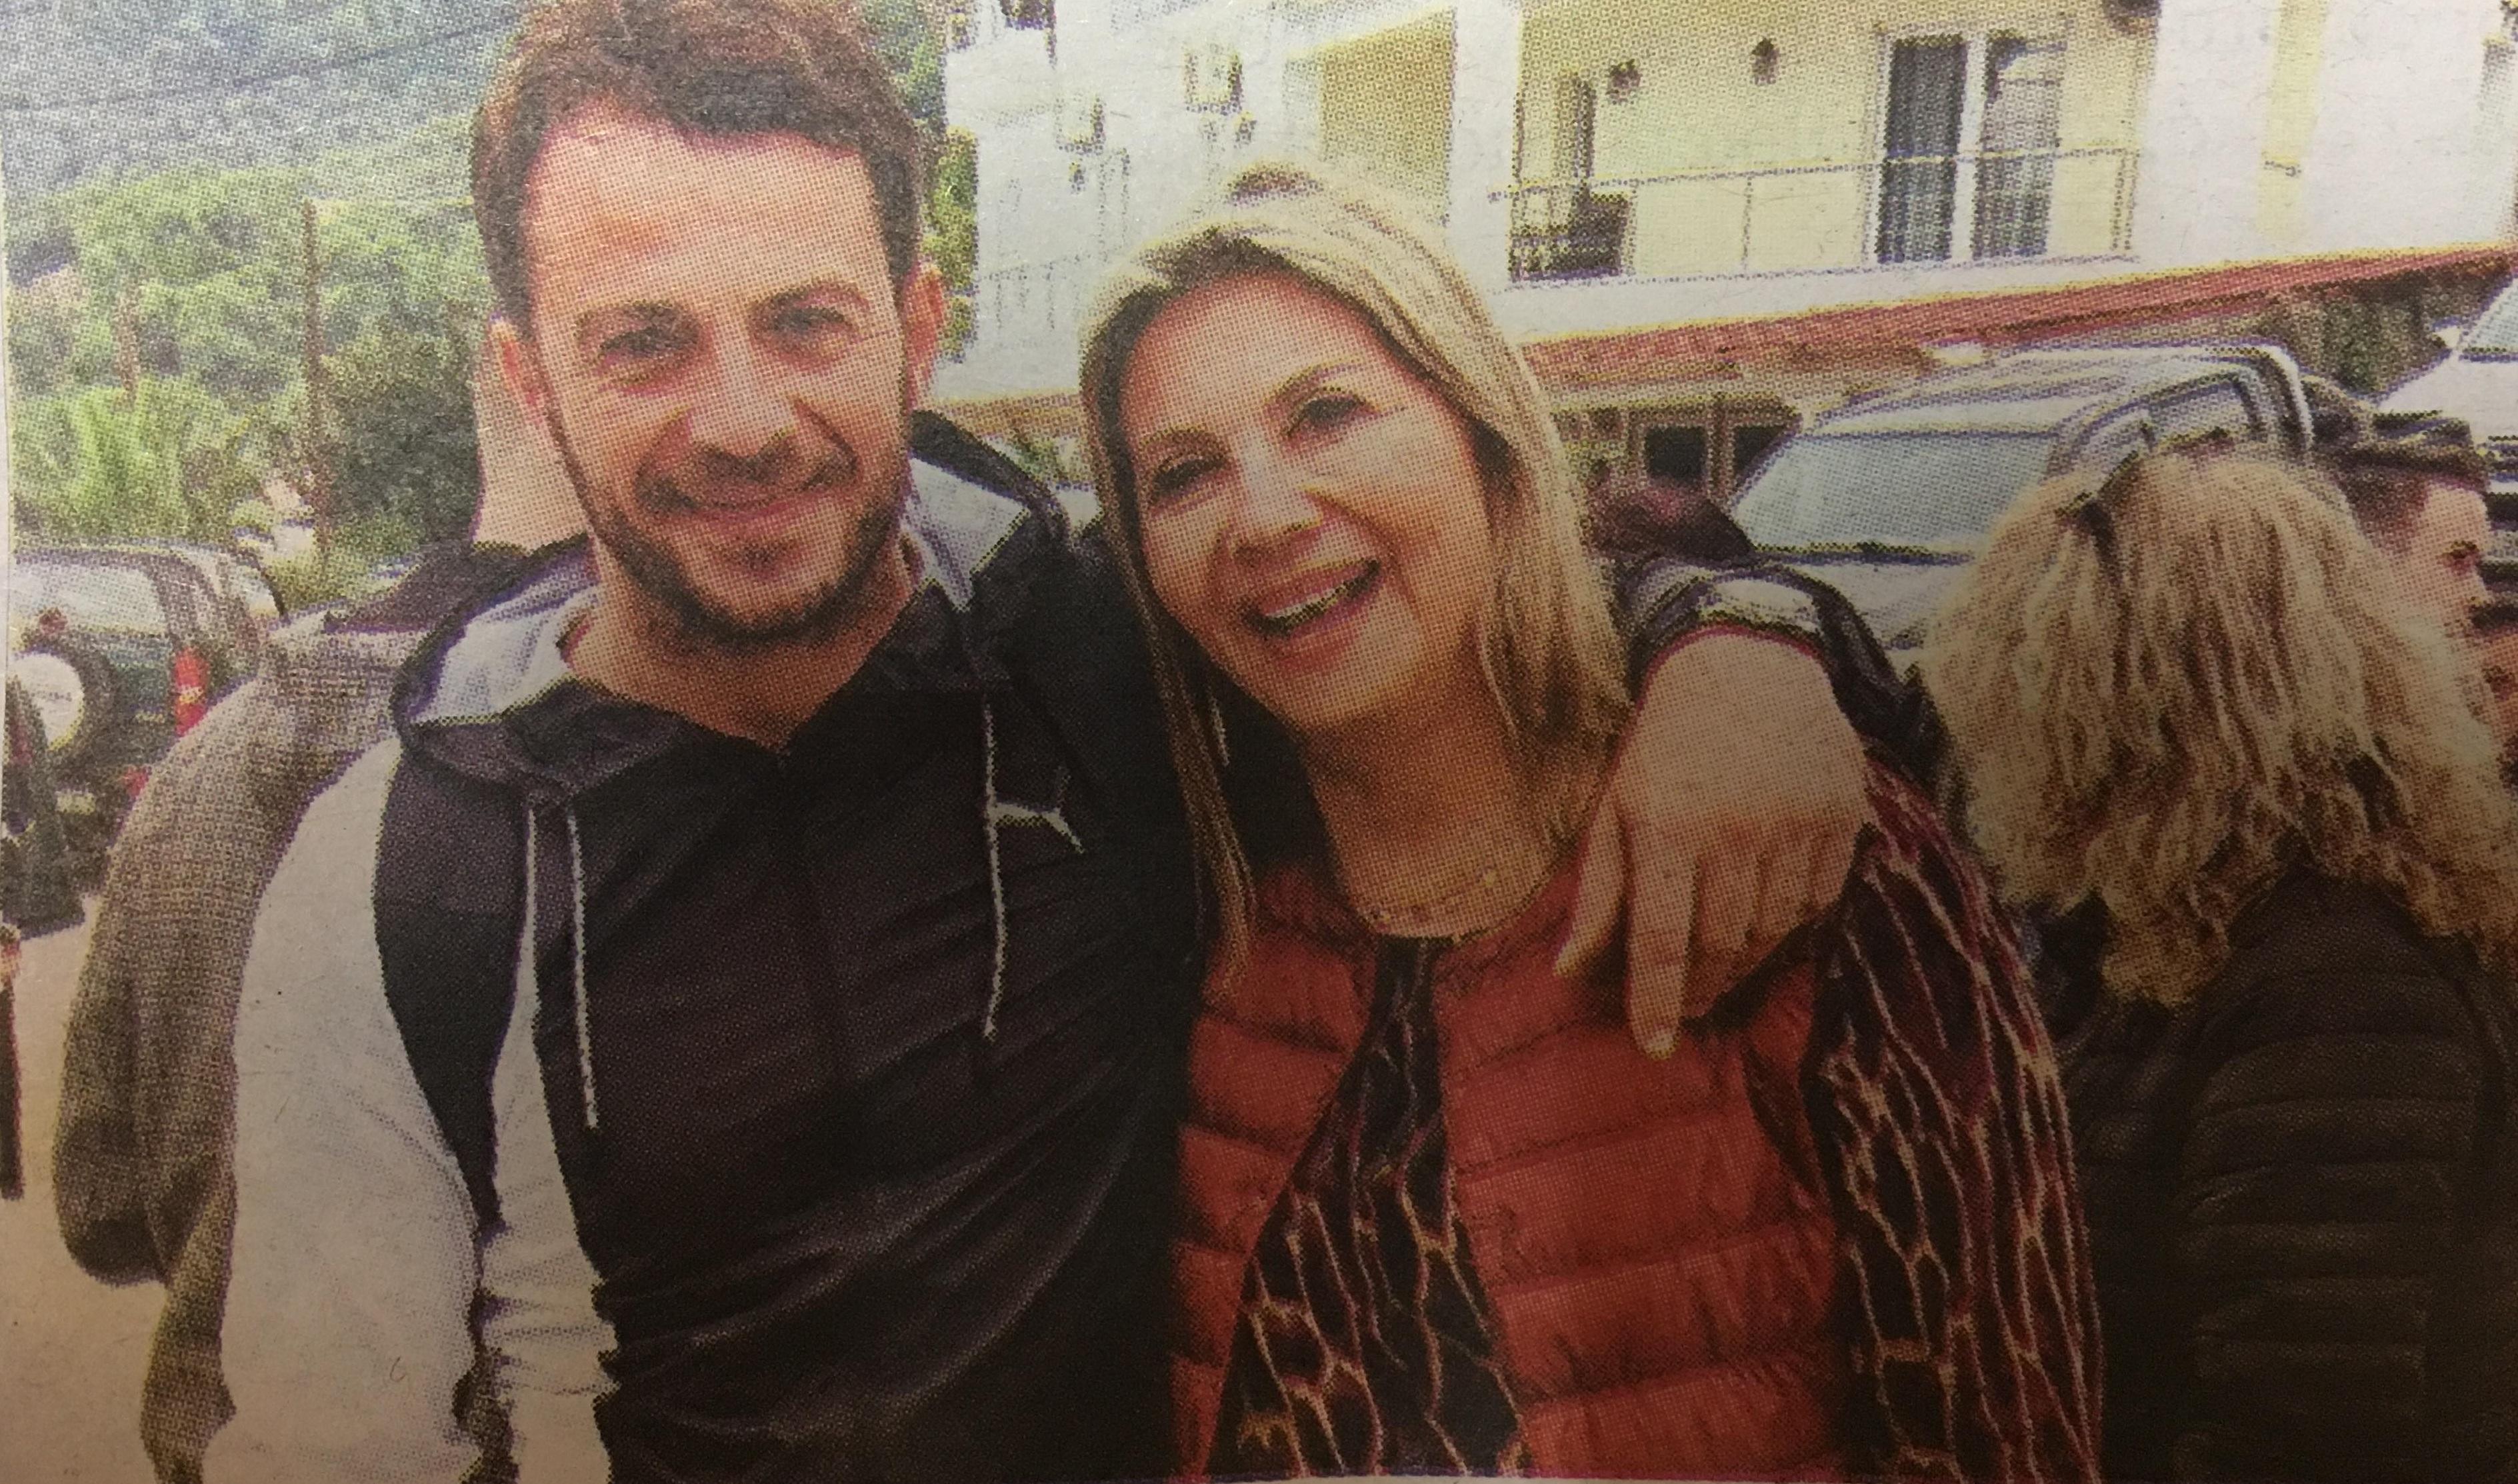 Γιώργος Αγγελόπουλος: Συνεργασία με βουλευτή της ΝΔ για το προσφυγικό